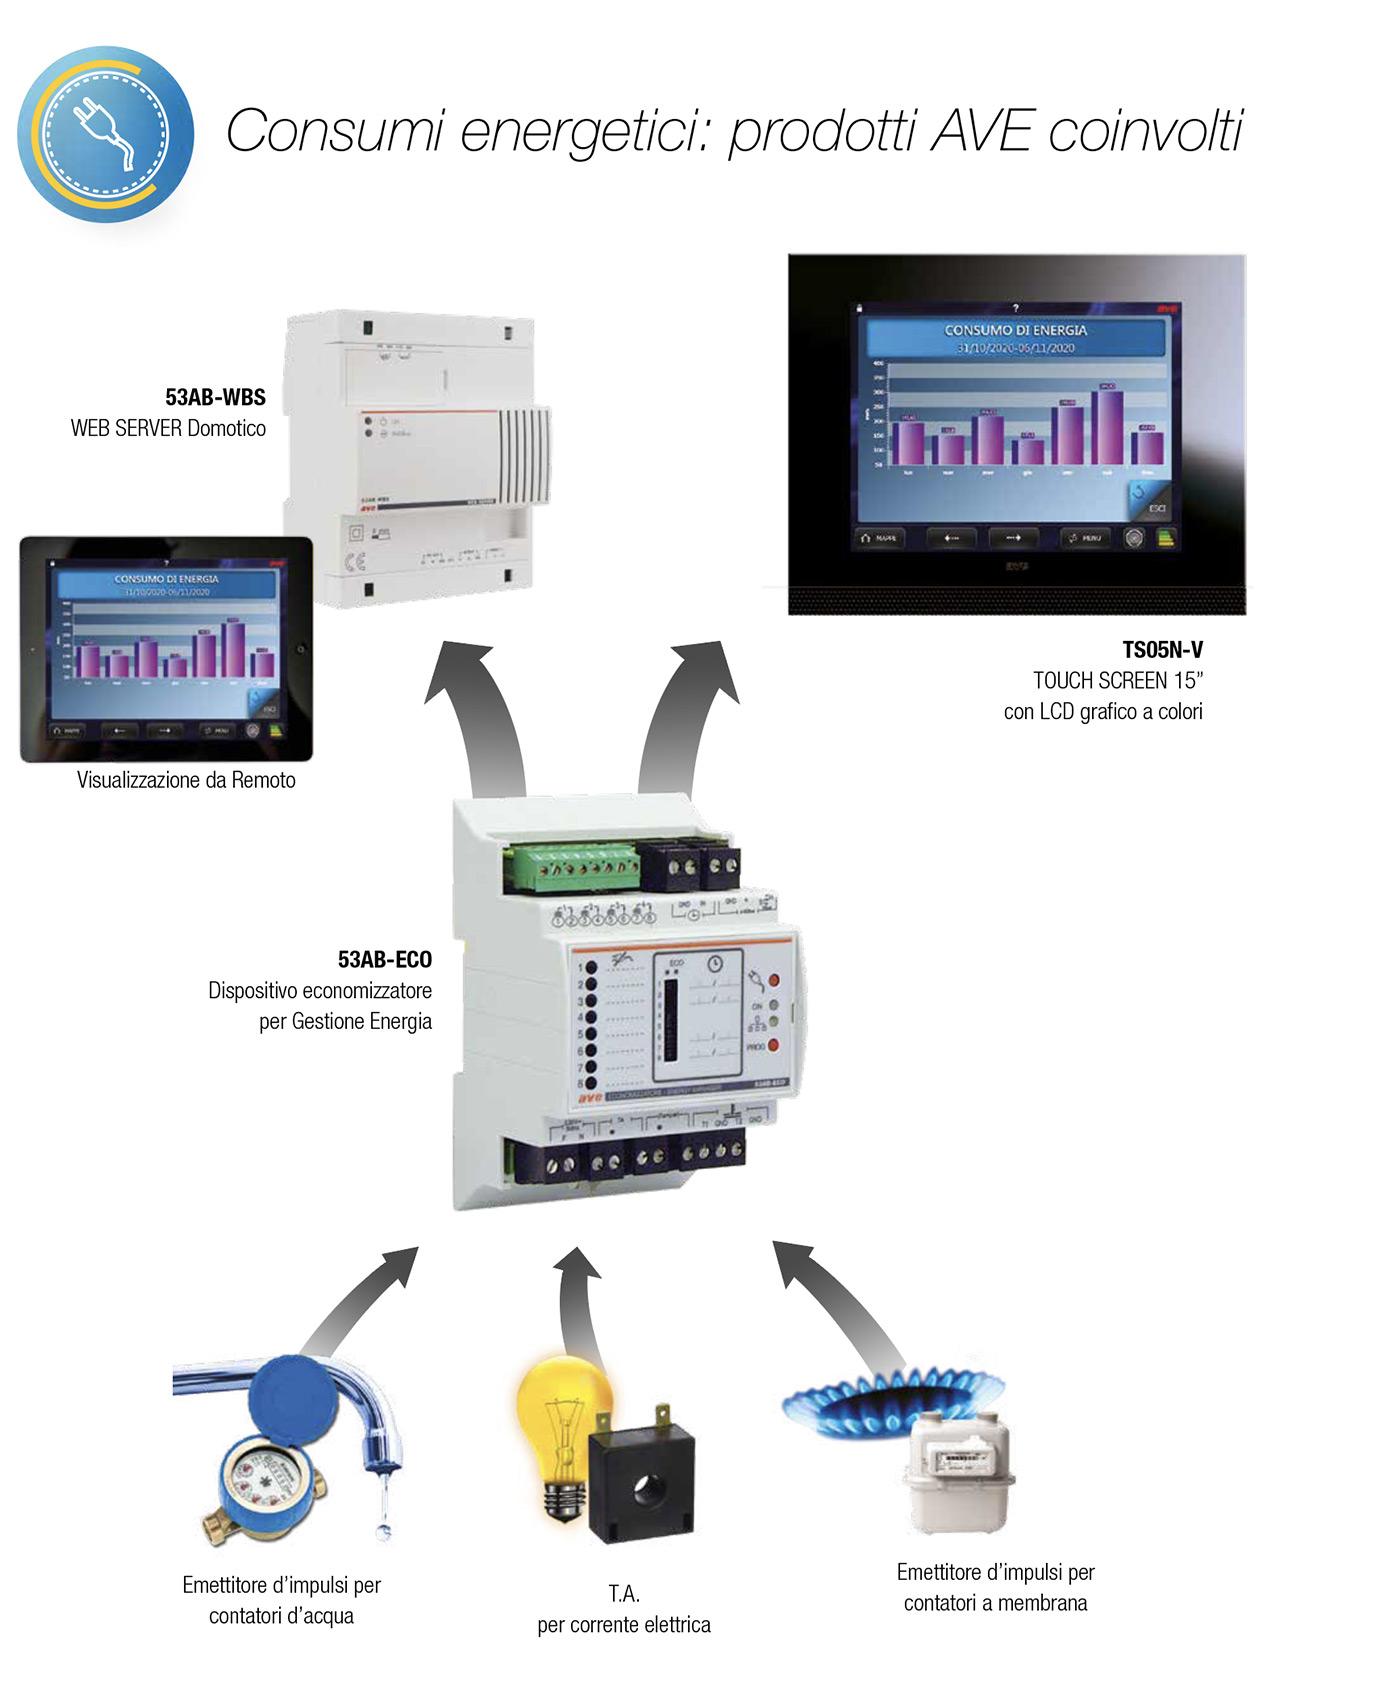 Consumi energetici prodotti AVE